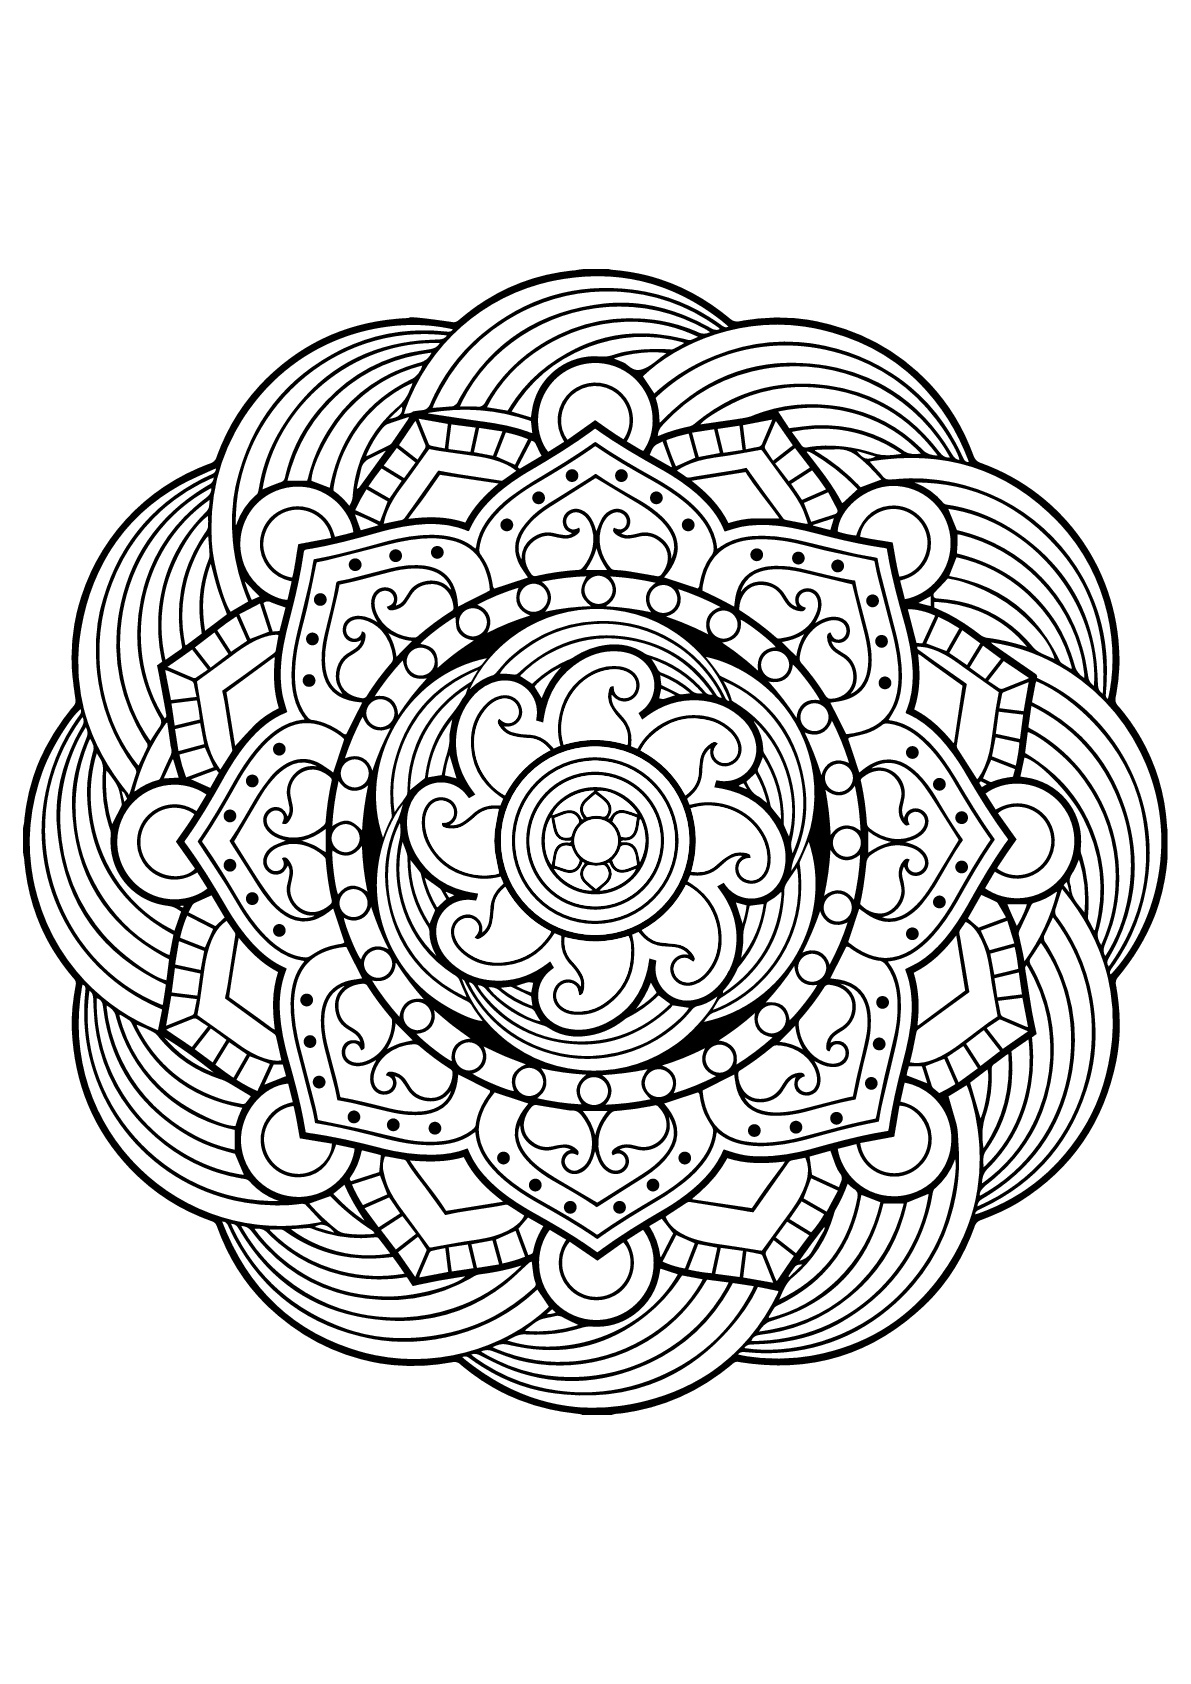 Livre De Coloriage Mandala | Imprimer Et Obtenir Une Coloriage Gratuit Ici destiné Coloriage Mandala Disney À Imprimer Gratuit